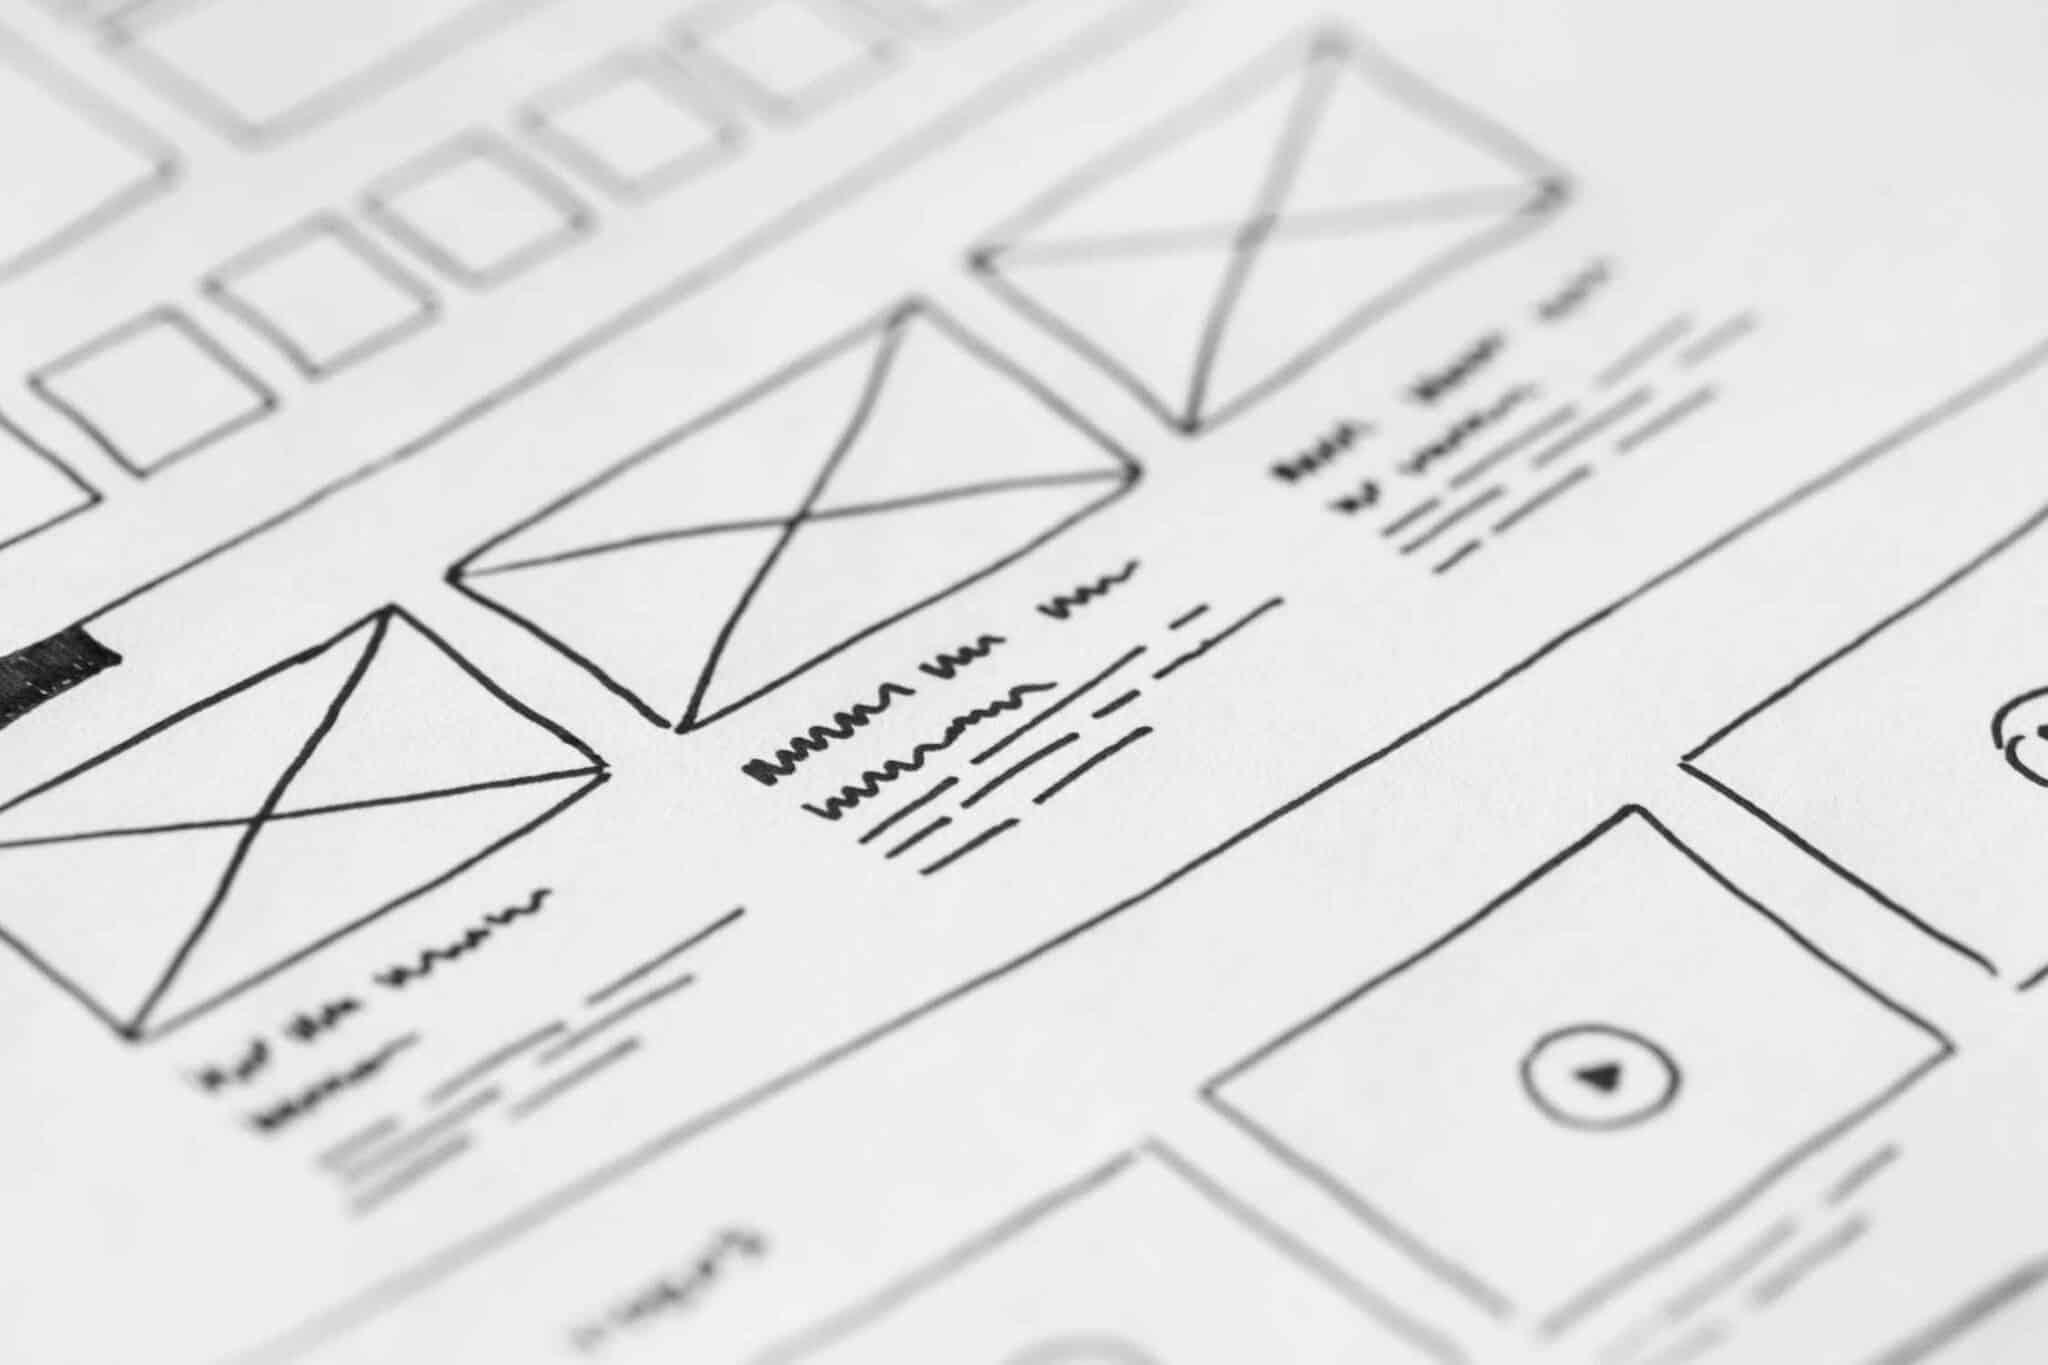 [Dossier] Les grandes étapes de création d'un site internet - Zoning, wireframe et maquettage